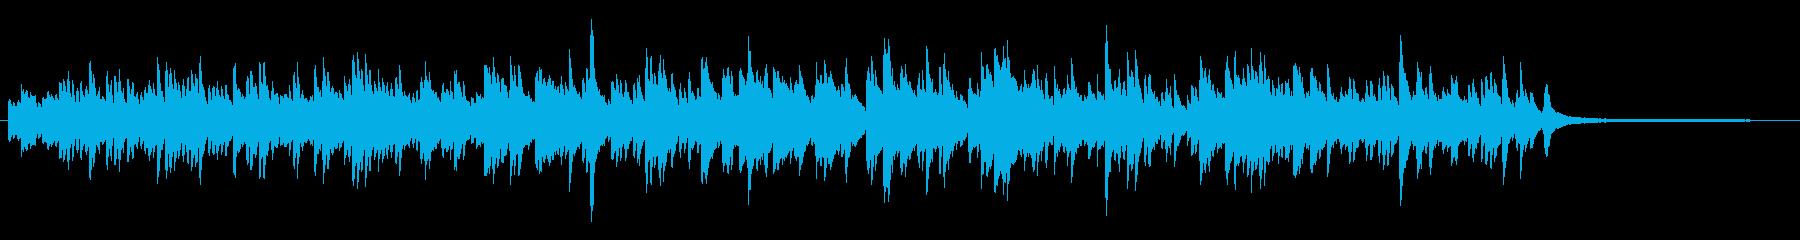 優しい雰囲気のピアノソロの再生済みの波形